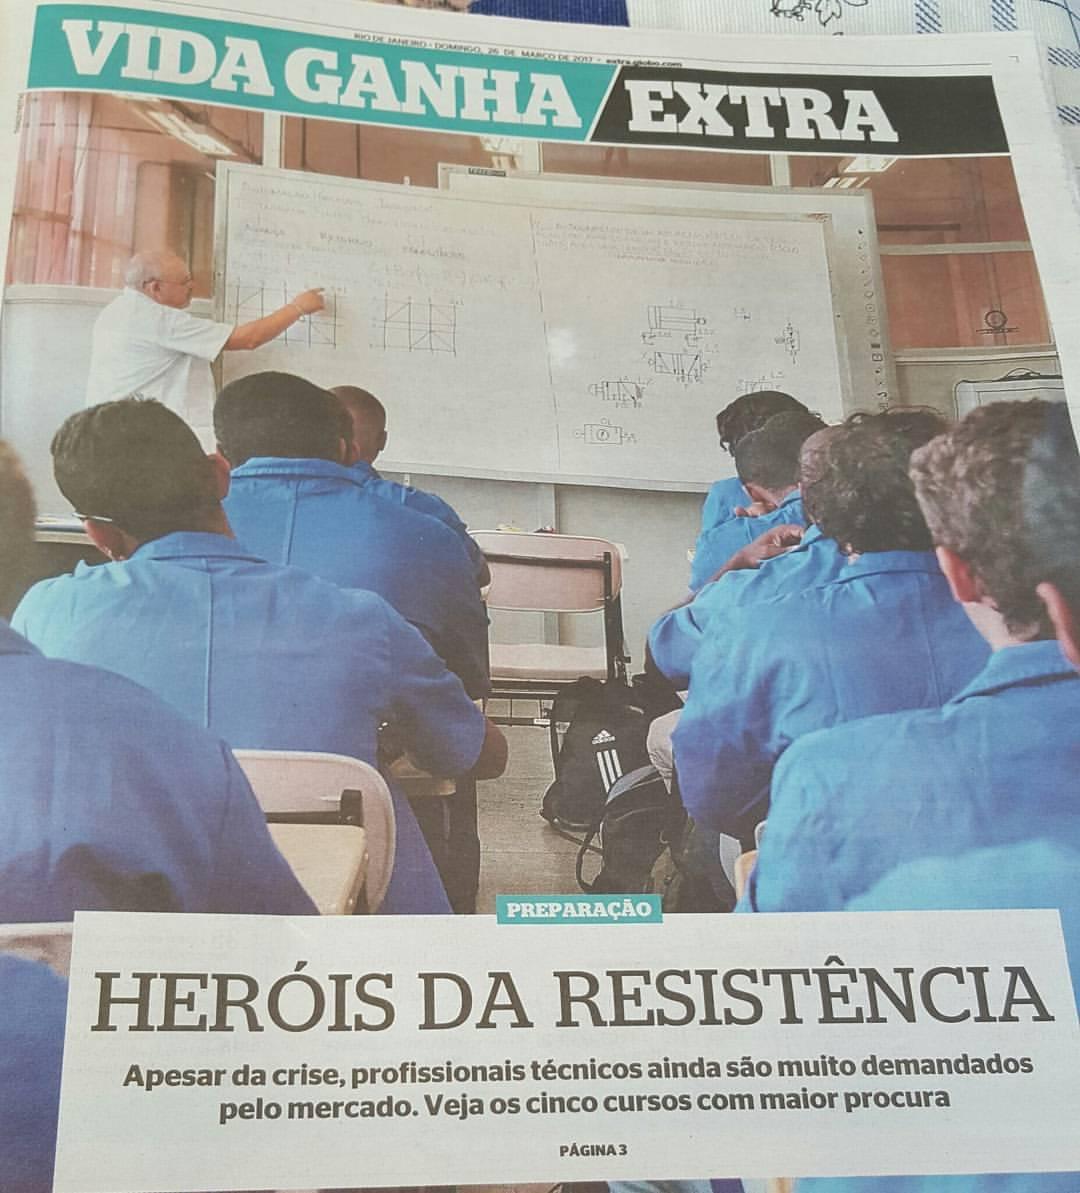 HERÓIS DA RESISTÊNCIA – Apesar da crise, profissionais técnicos ainda são muito demandados pelo mercado.